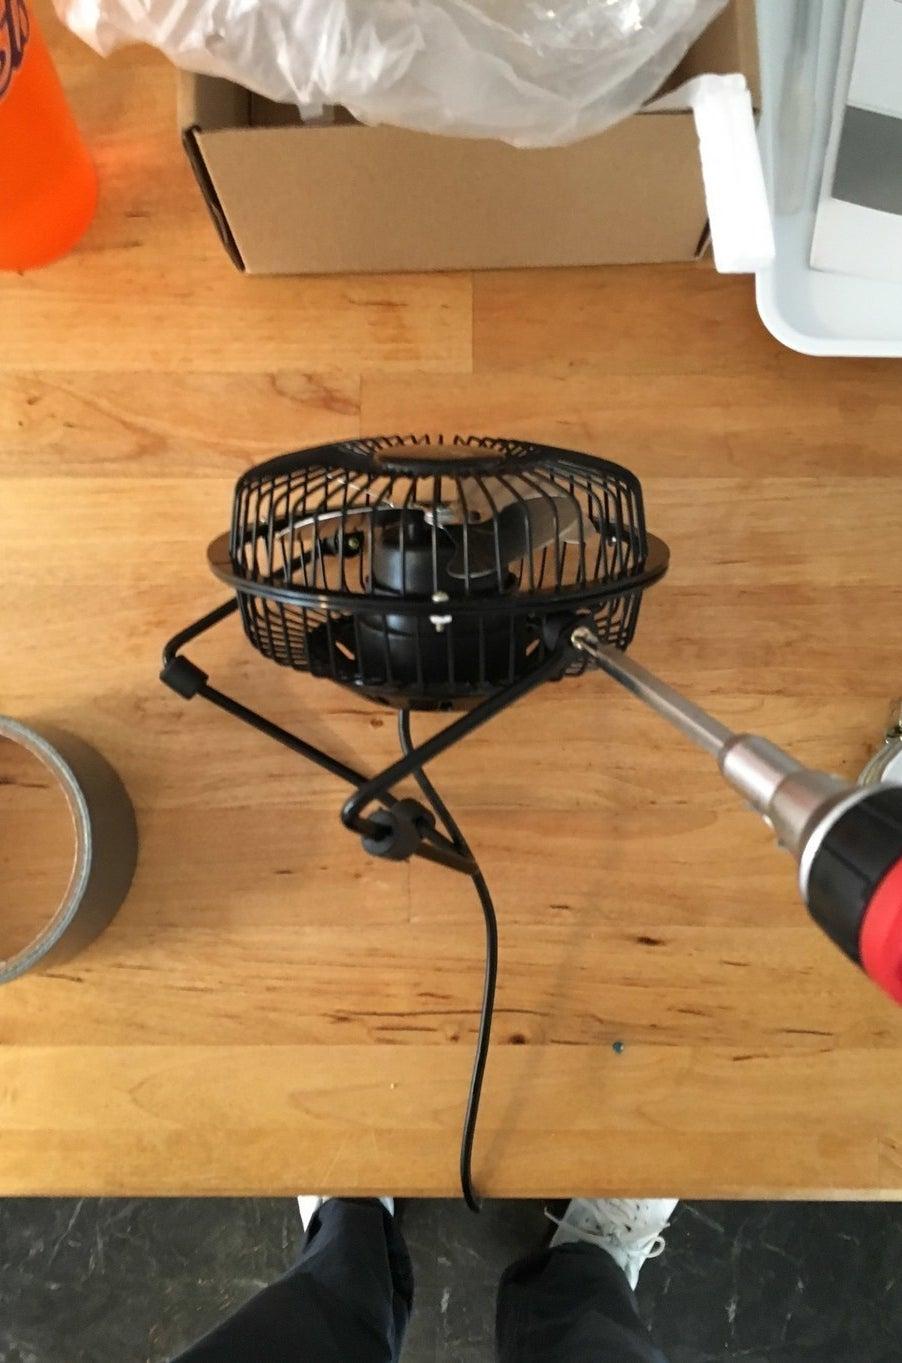 Unscrew the fan...